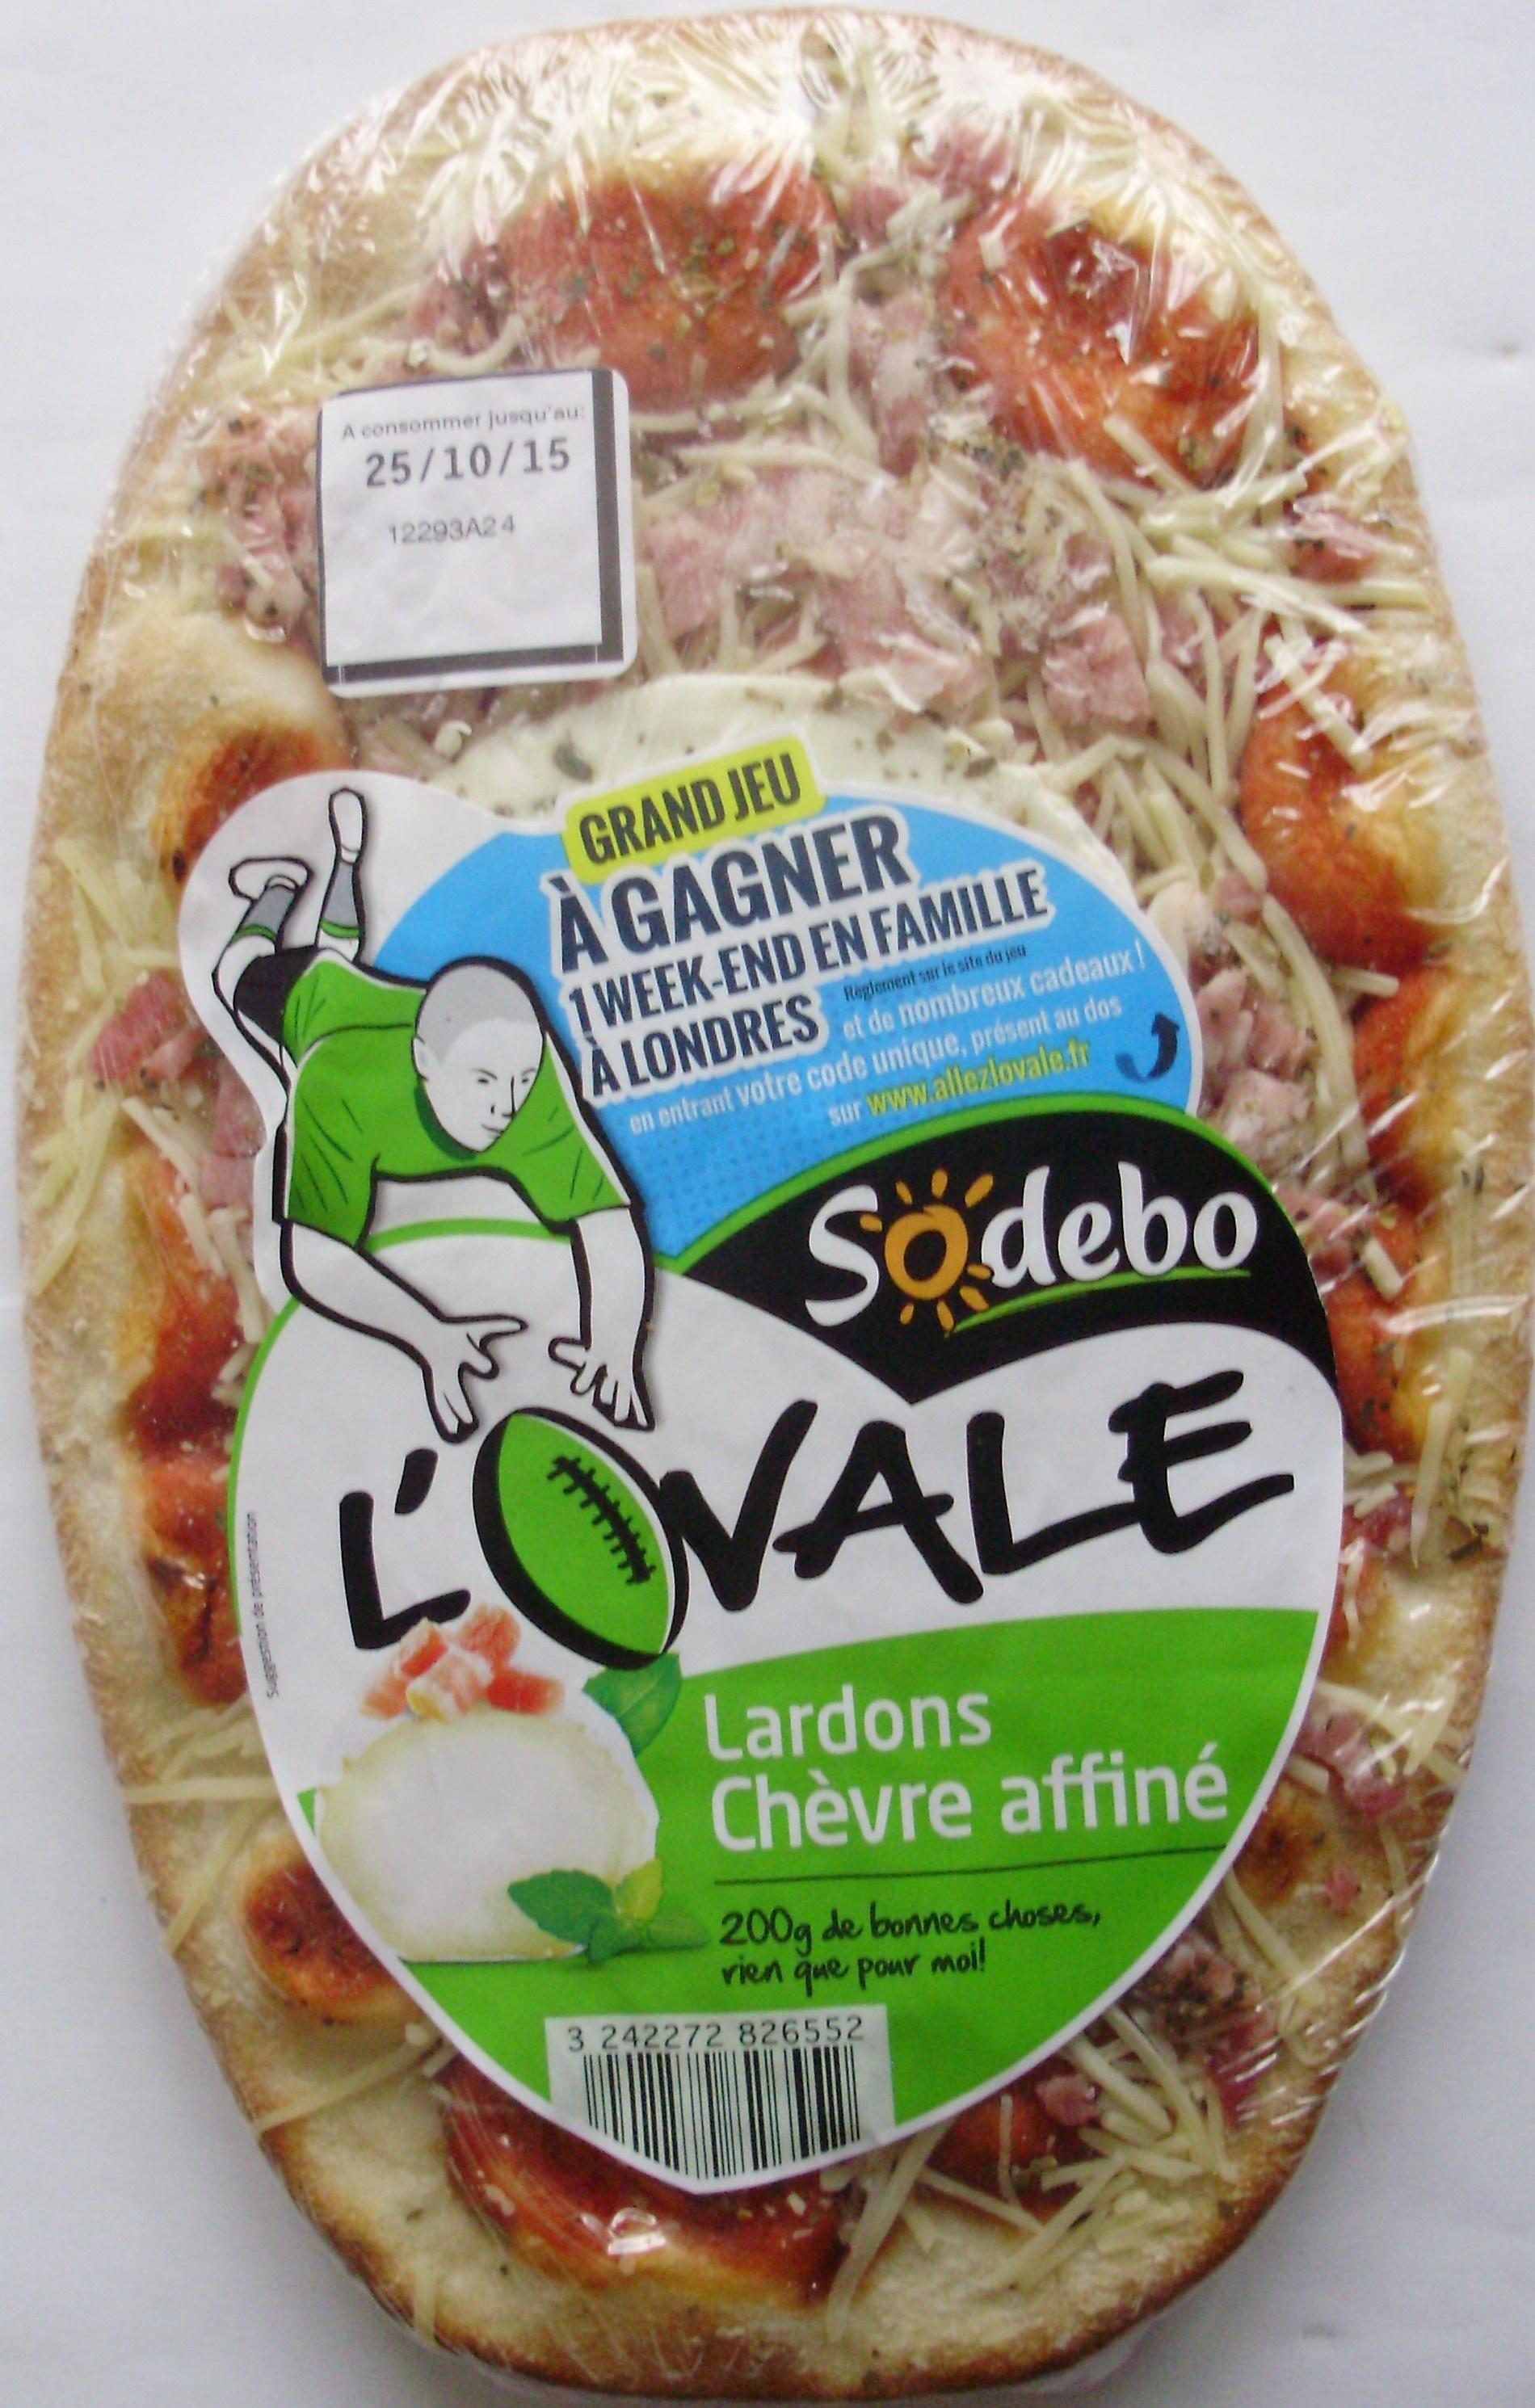 L'Ovale Lardons Chèvre affiné - Product